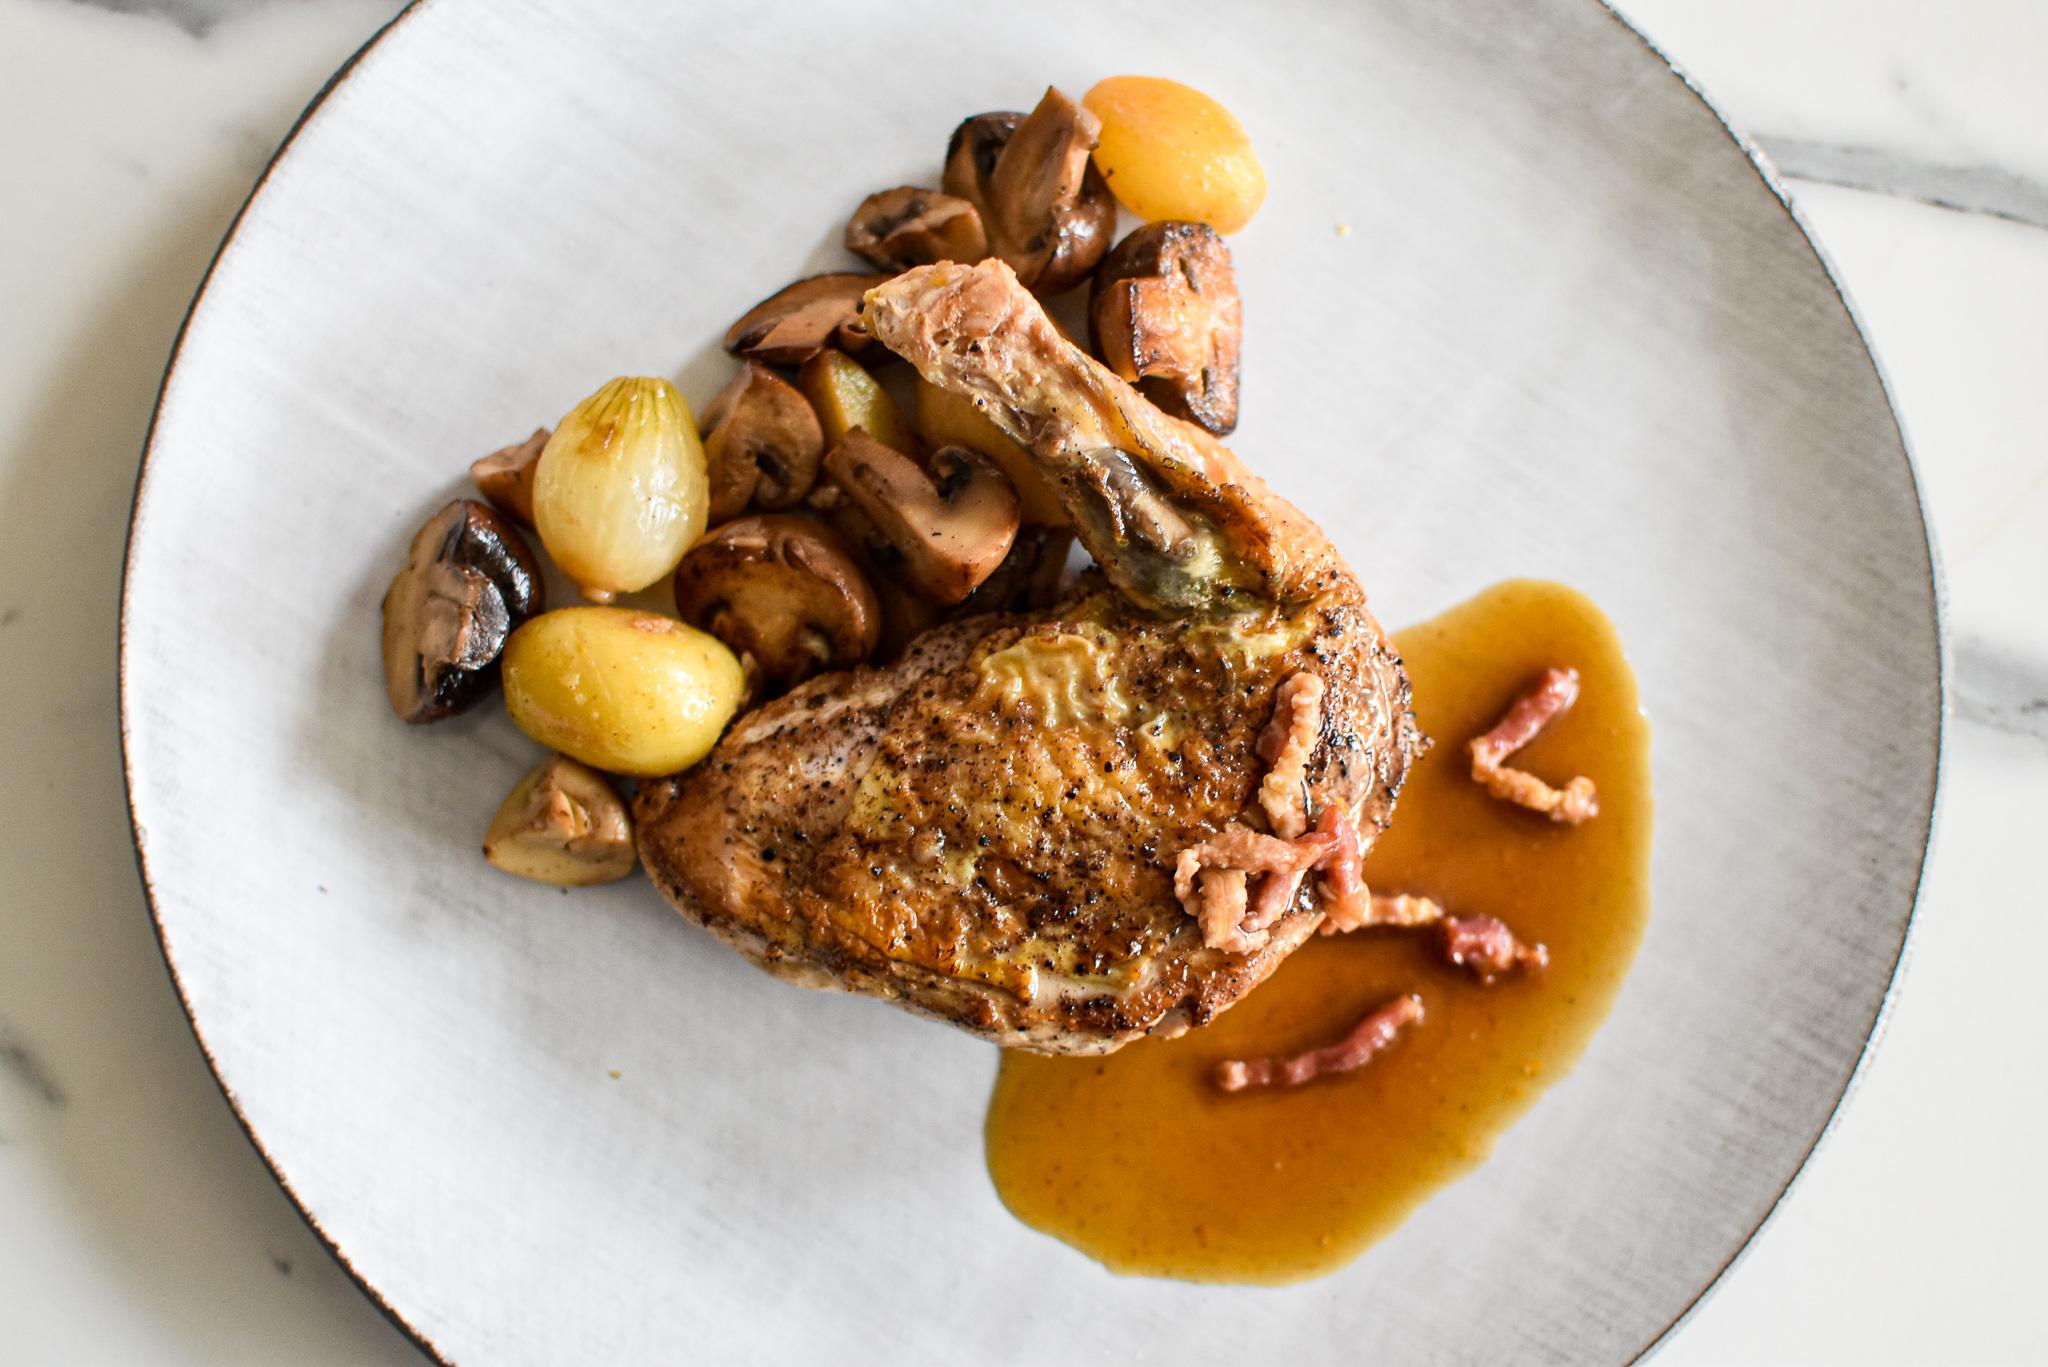 Parelhoen op wijze van de Chef, gebakken aardappelen, zilverui en paddestoel